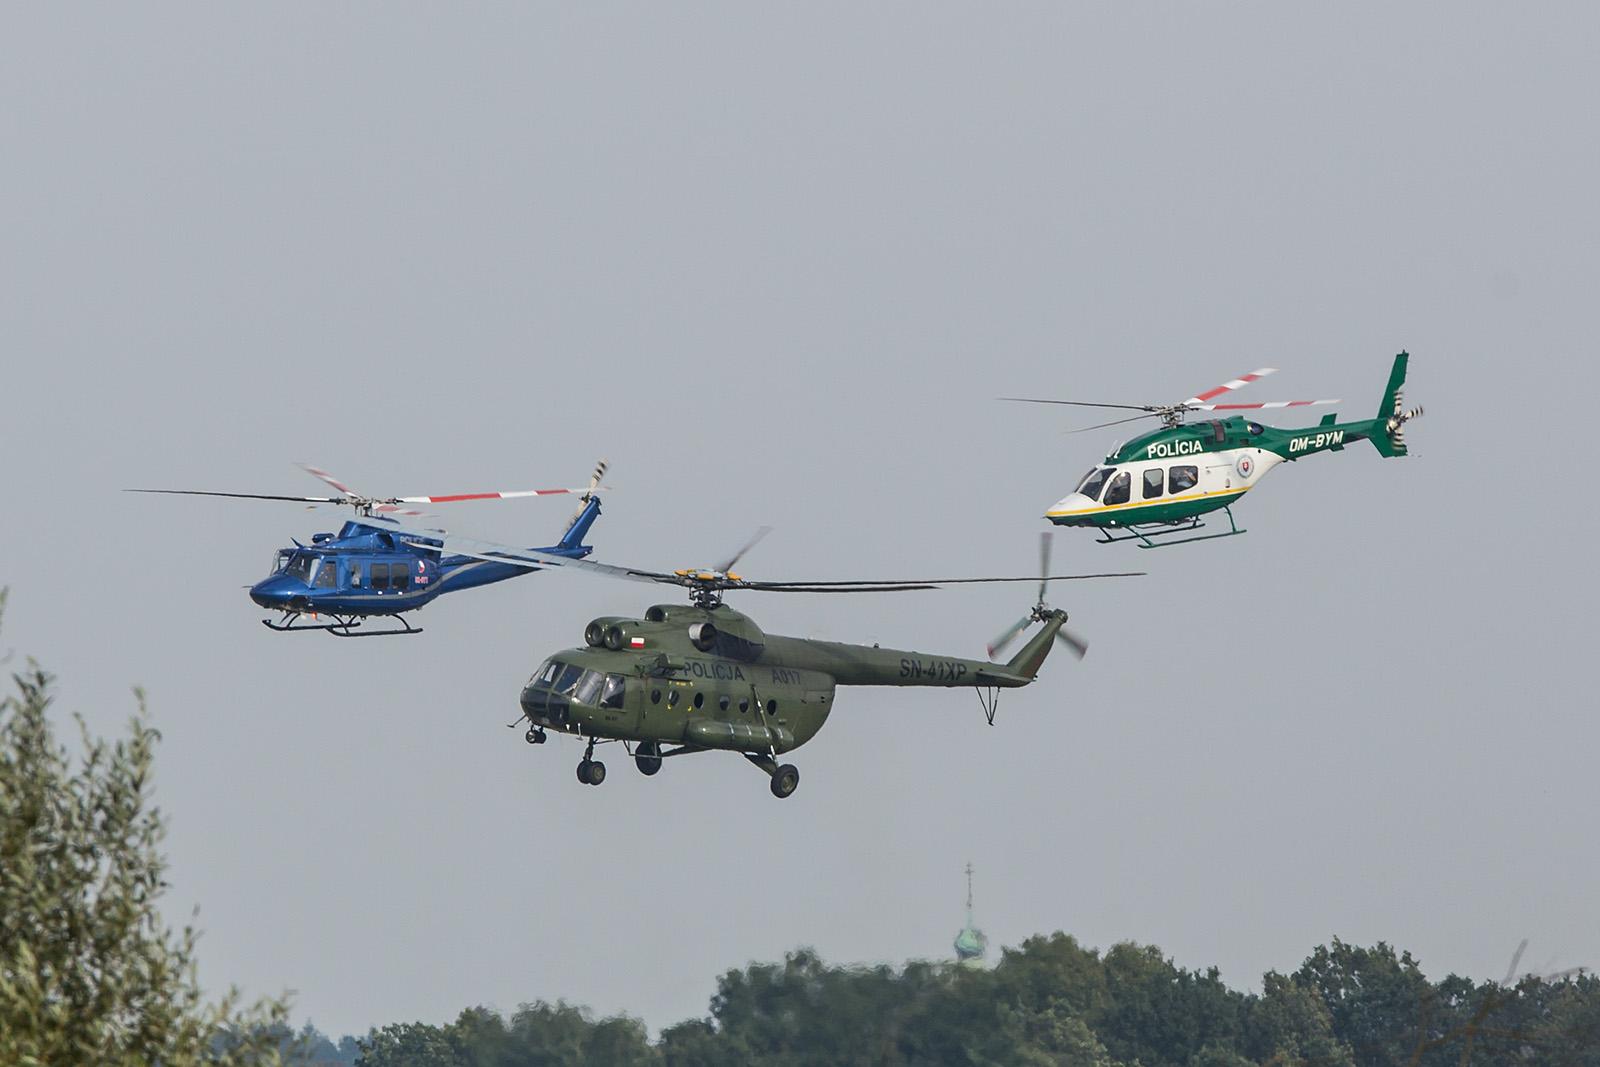 Drei Länder, drei Polizeien; Bell 429 aus der Slovakei, Mil Mi-8 aus Polen und eine Bell 412 aus Tschechien.